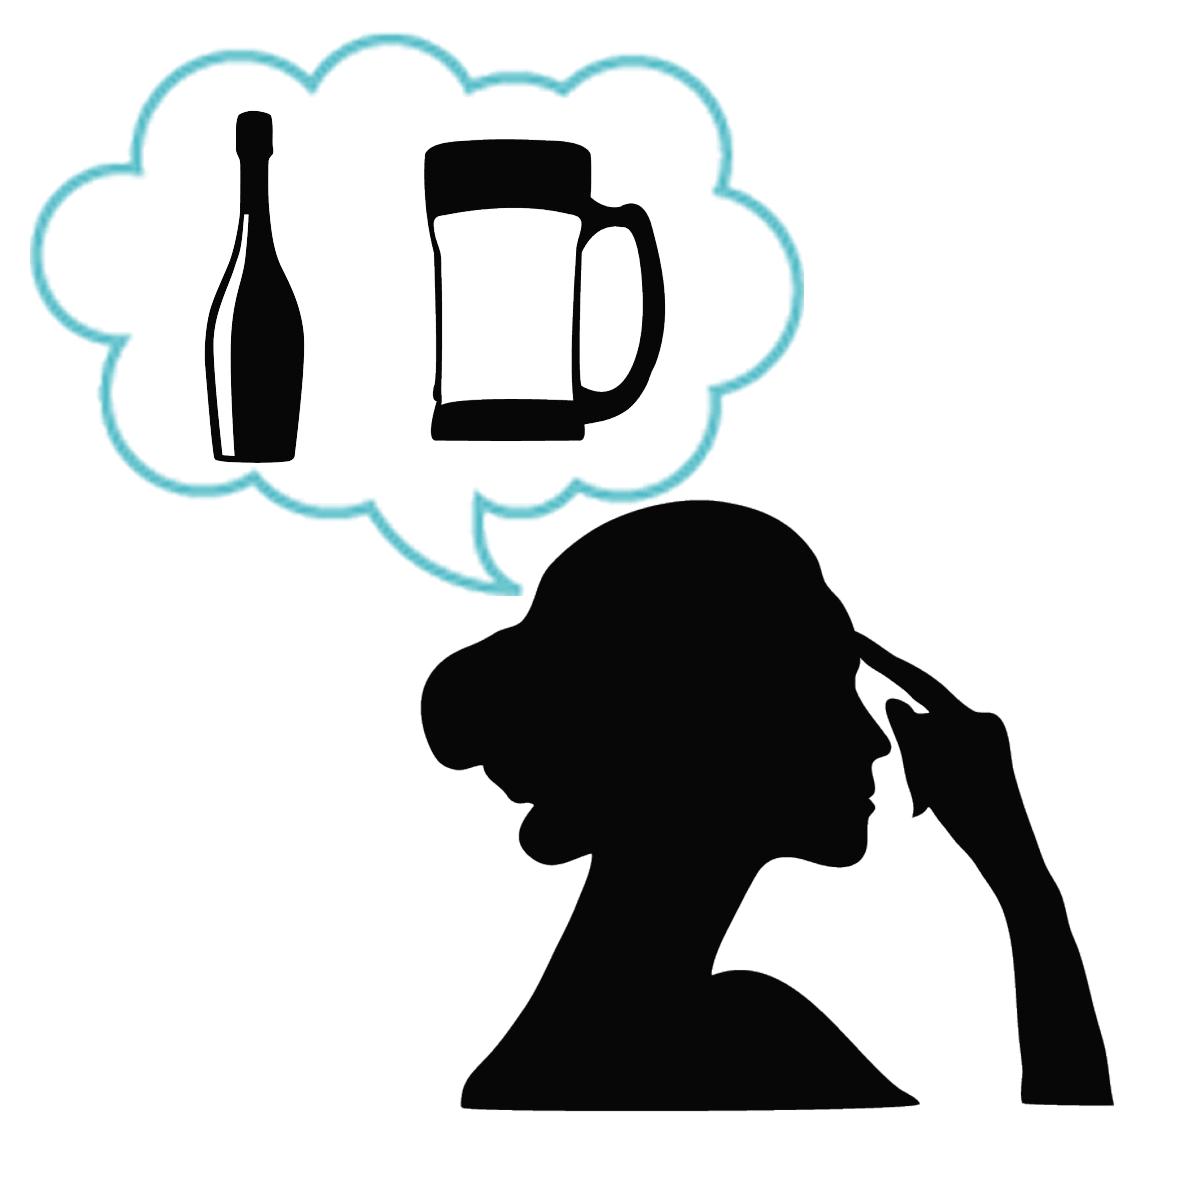 アダルトチルドレンの歴史はアルコール依存症との関りが深いことを表すイラスト